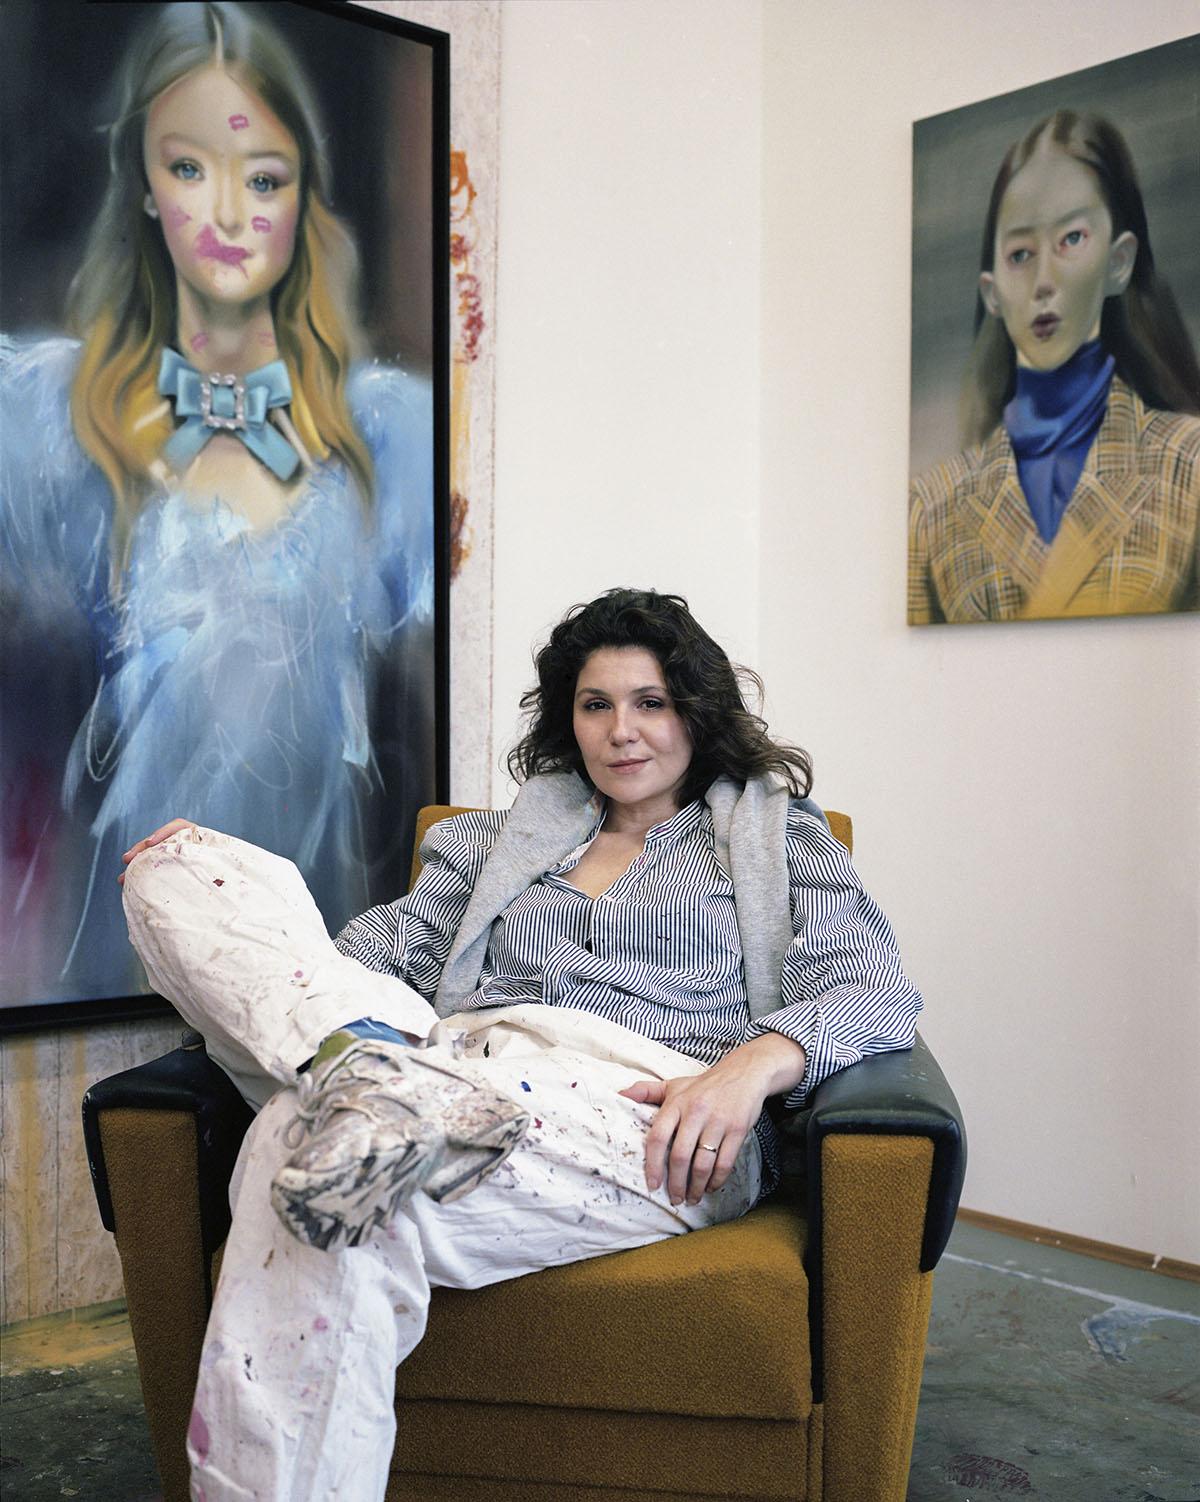 Ursula Susanne Buchart